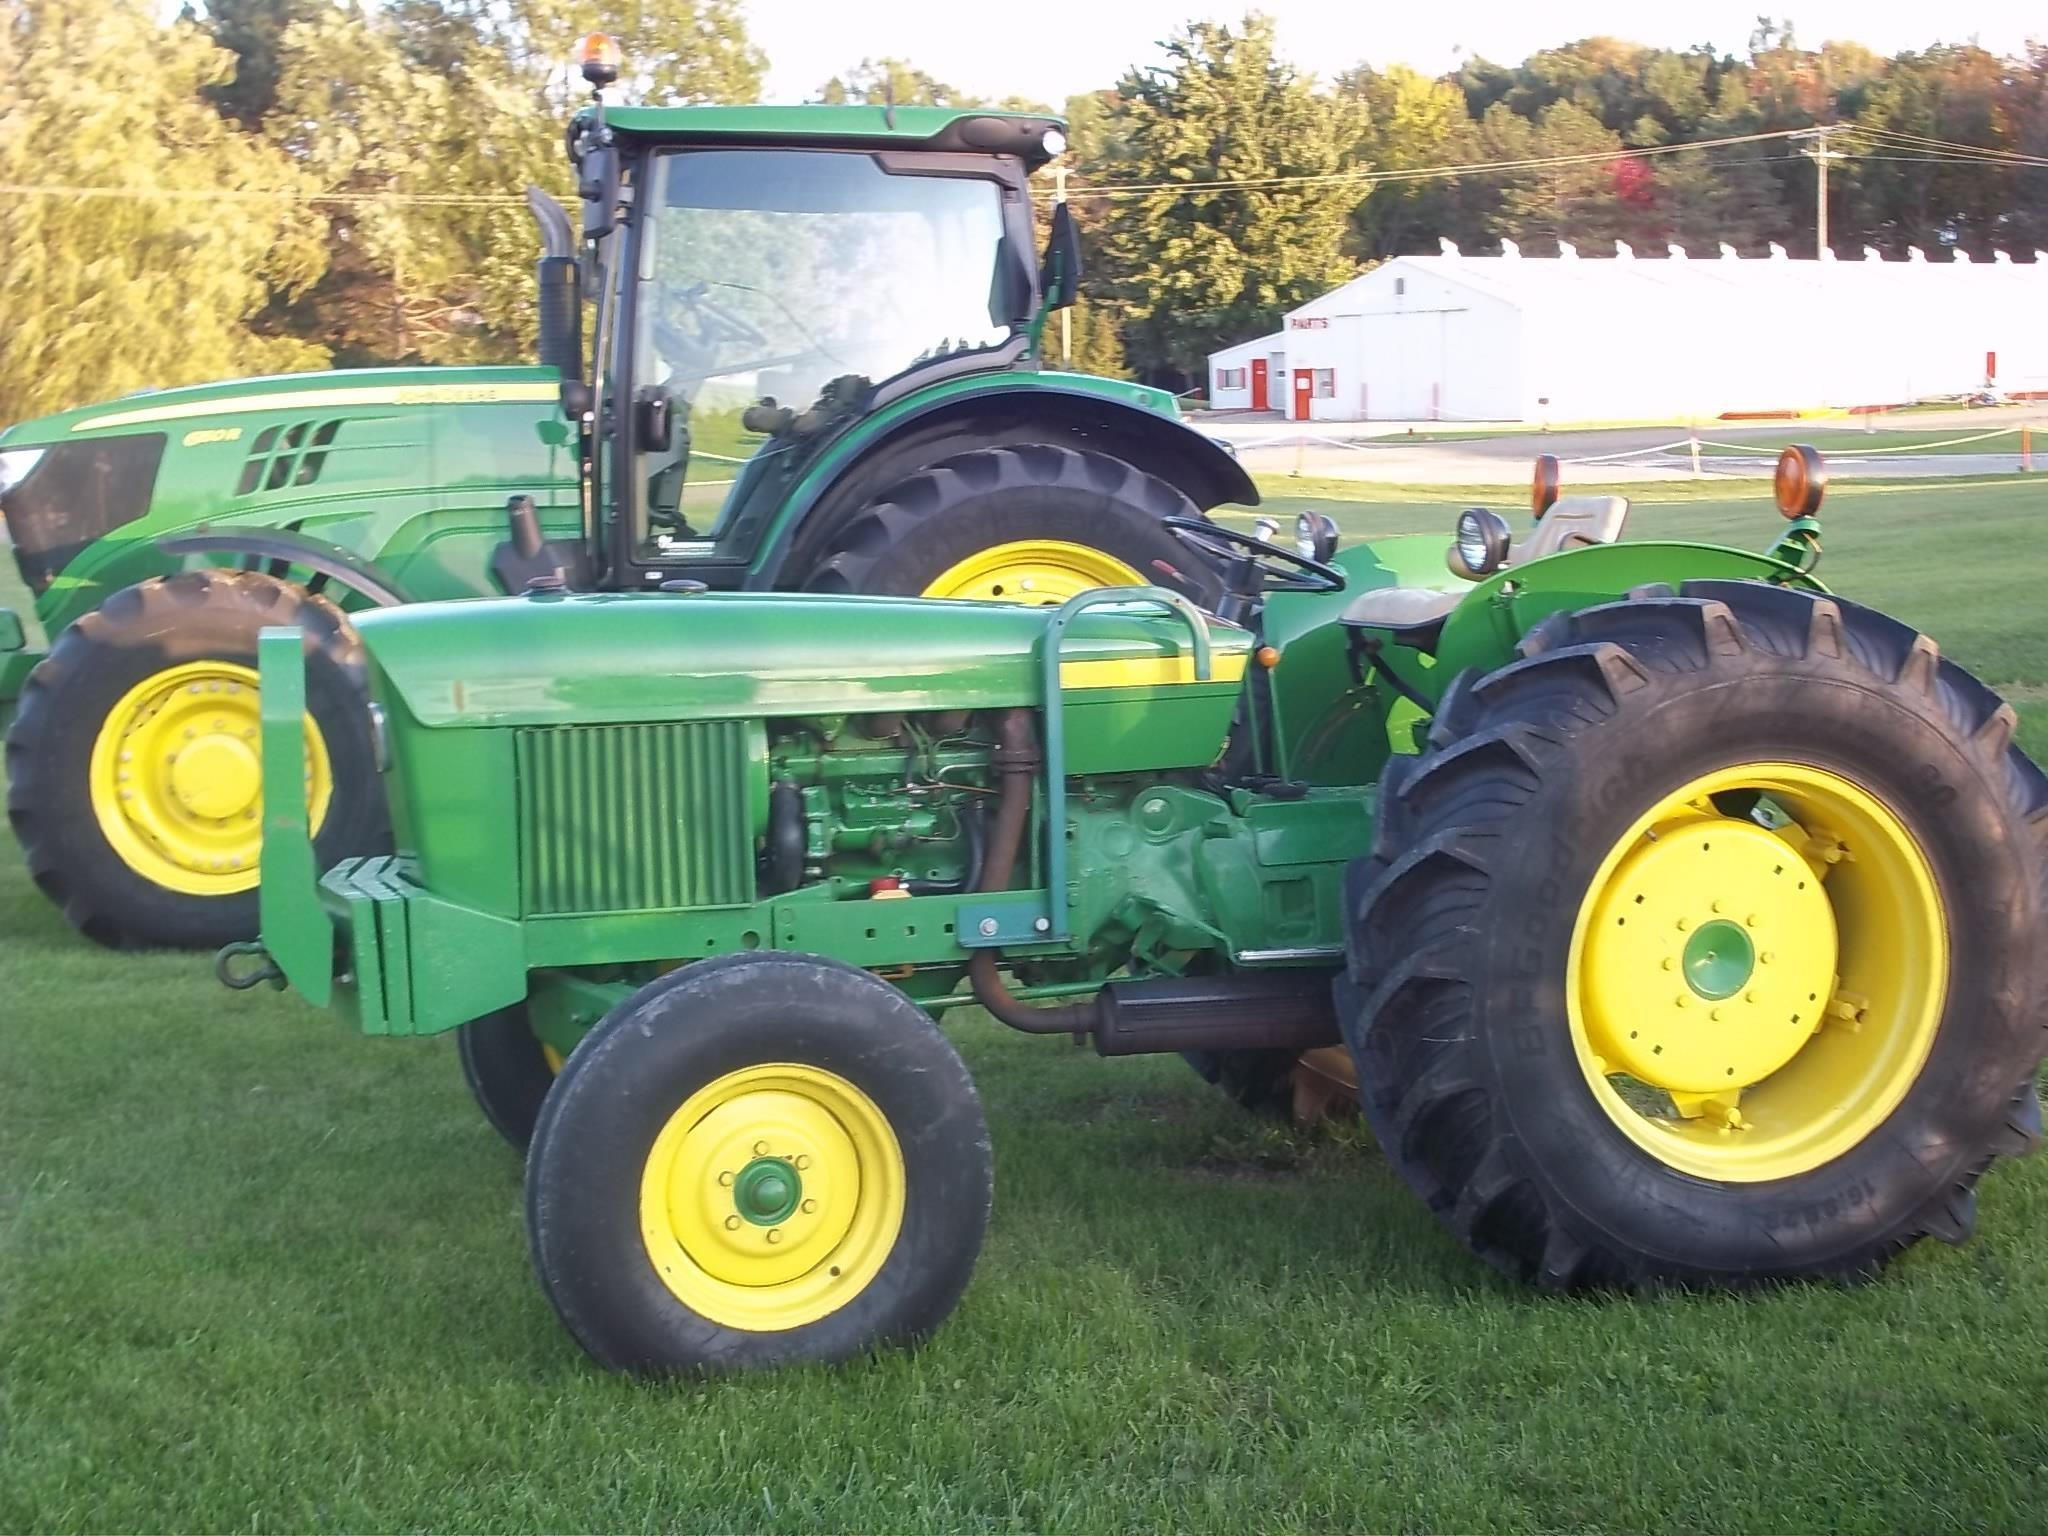 1975 John Deere 1530 Tractor